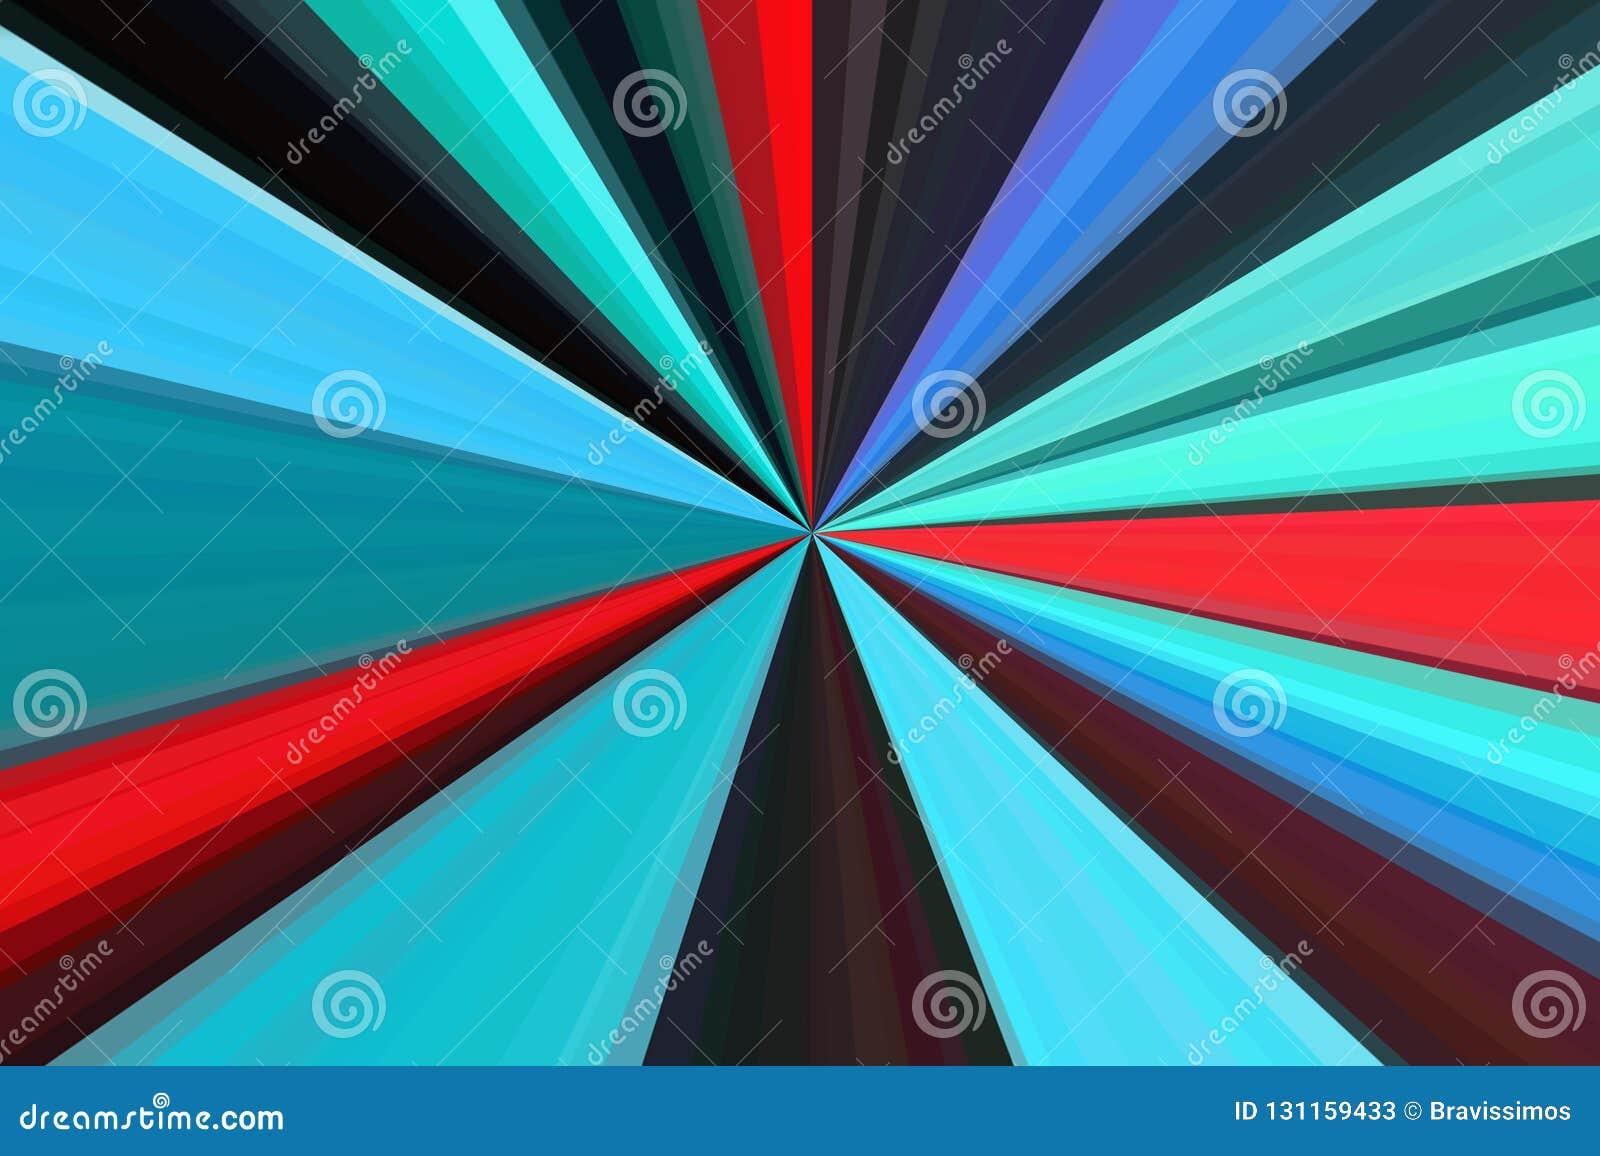 Hallucinogen fluorescente achtergrond van surreal kleuren Abstract illusiethema psychedelisch effect LSD-effect